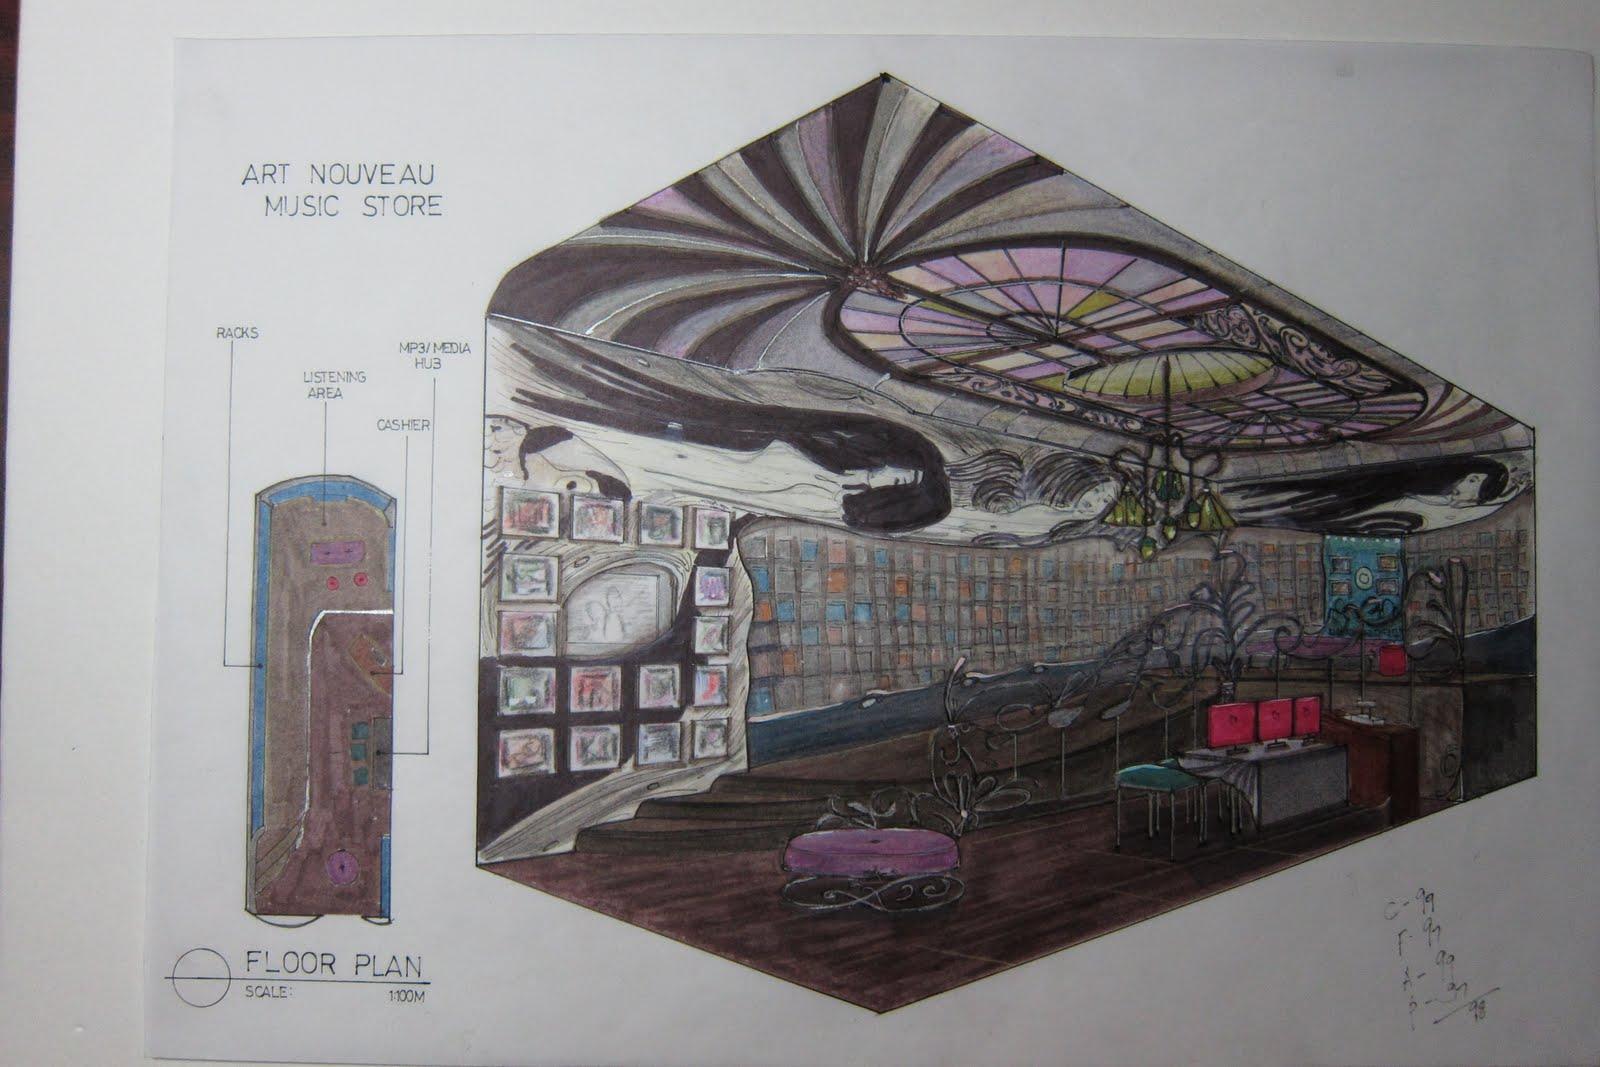 pt designs trends in interior design art nouveau. Black Bedroom Furniture Sets. Home Design Ideas